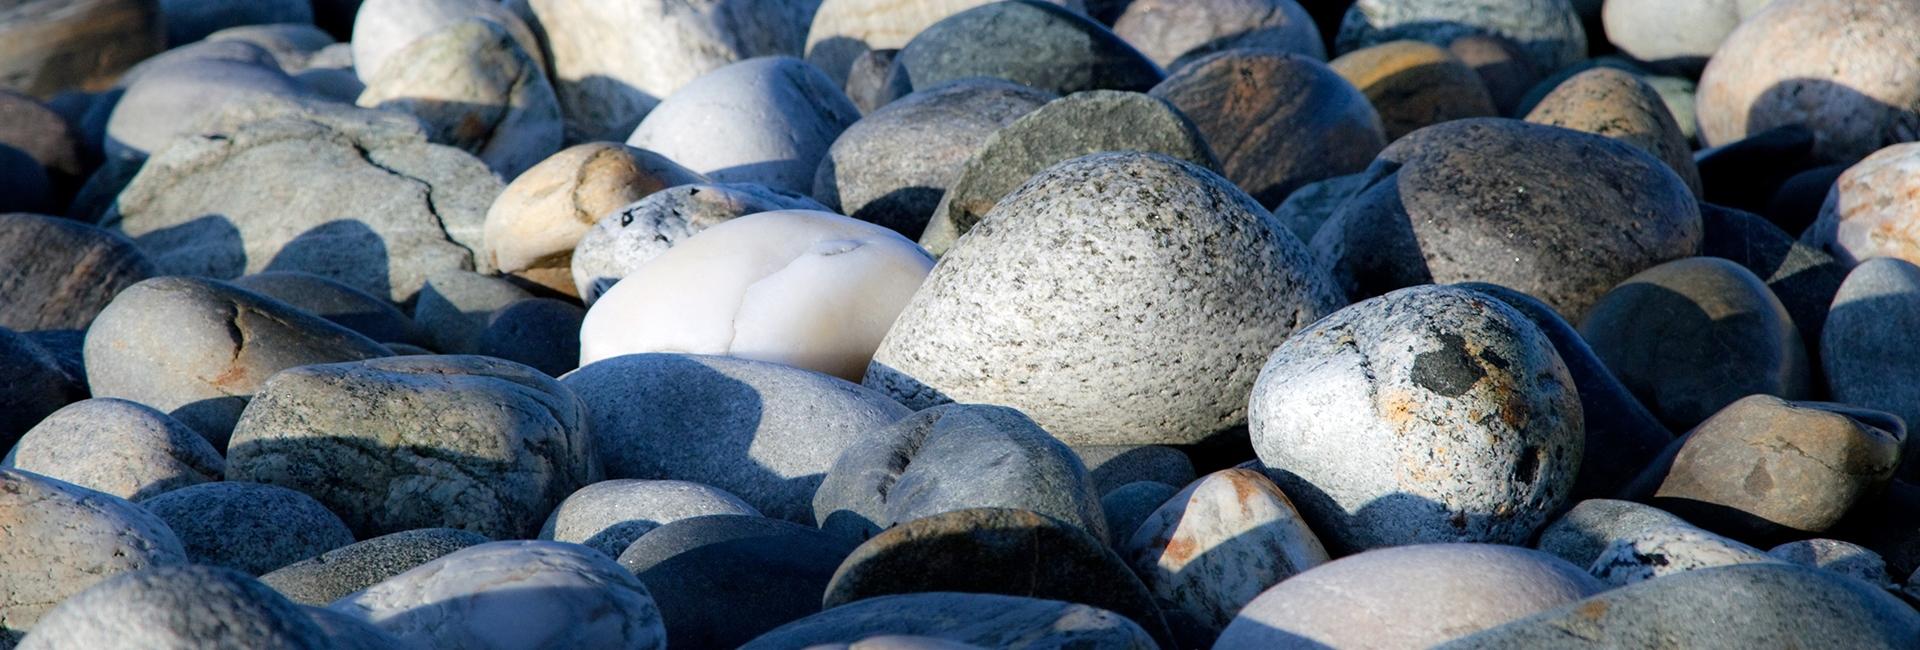 Stones 1920 650